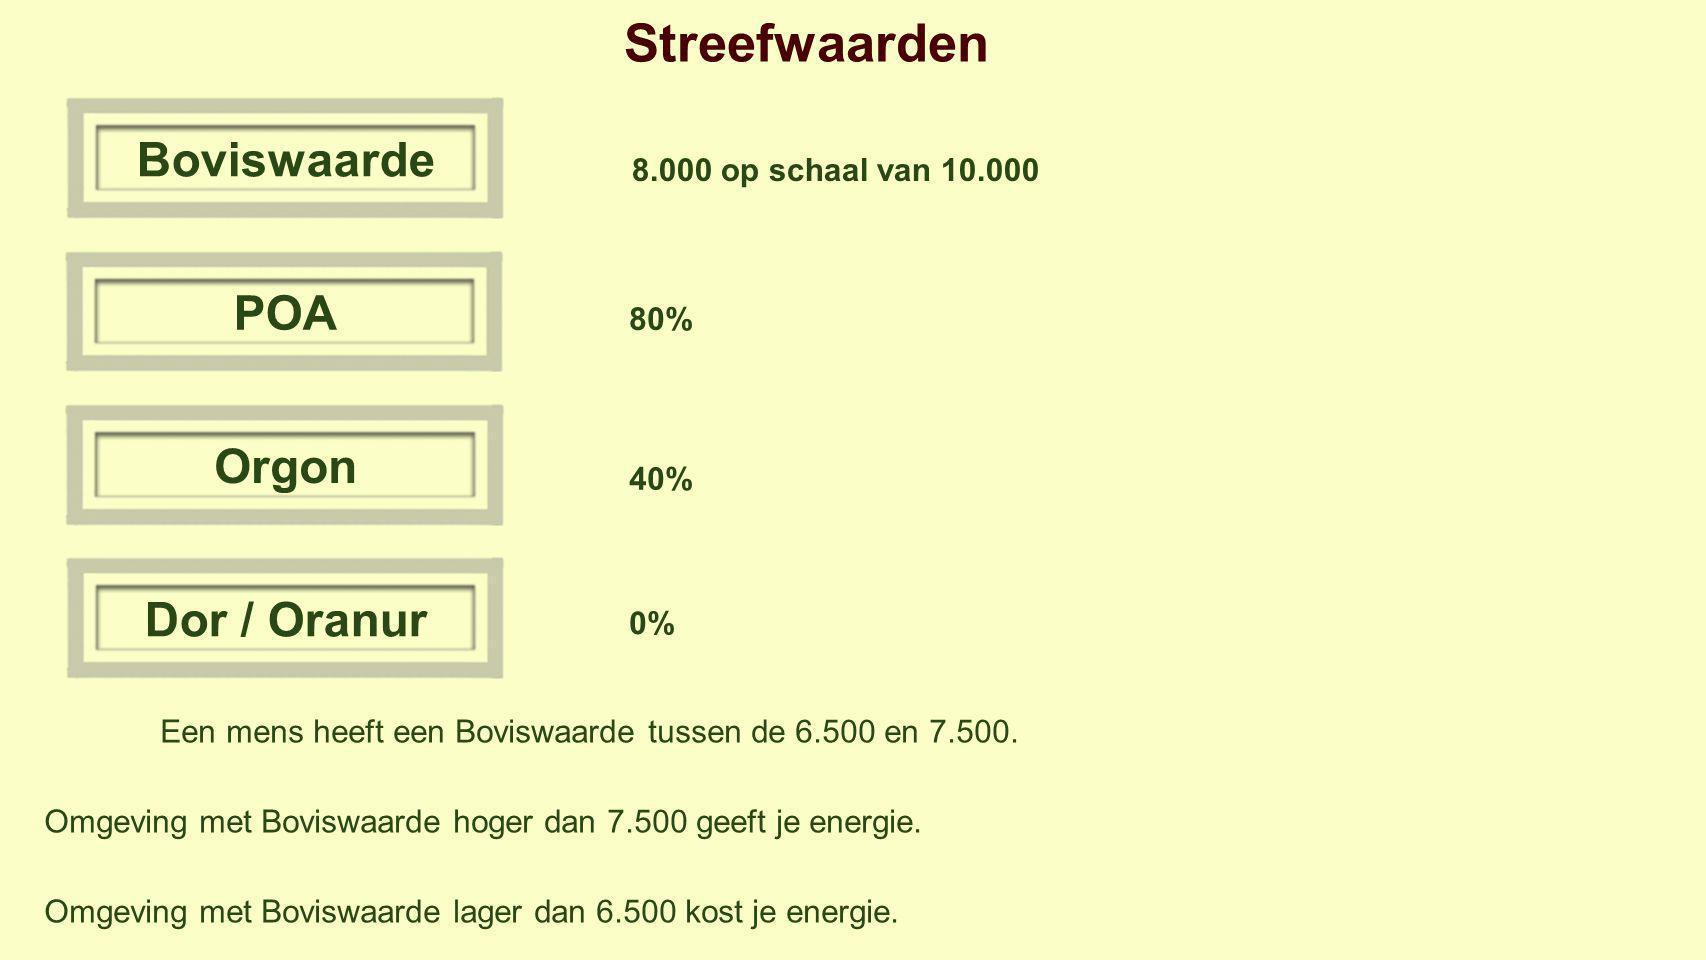 Streefwaarden BoviswaardePOAOrgonDor / Oranur 8.000 op schaal van 10.000 80% 40% 0% Een mens heeft een Boviswaarde tussen de 6.500 en 7.500.